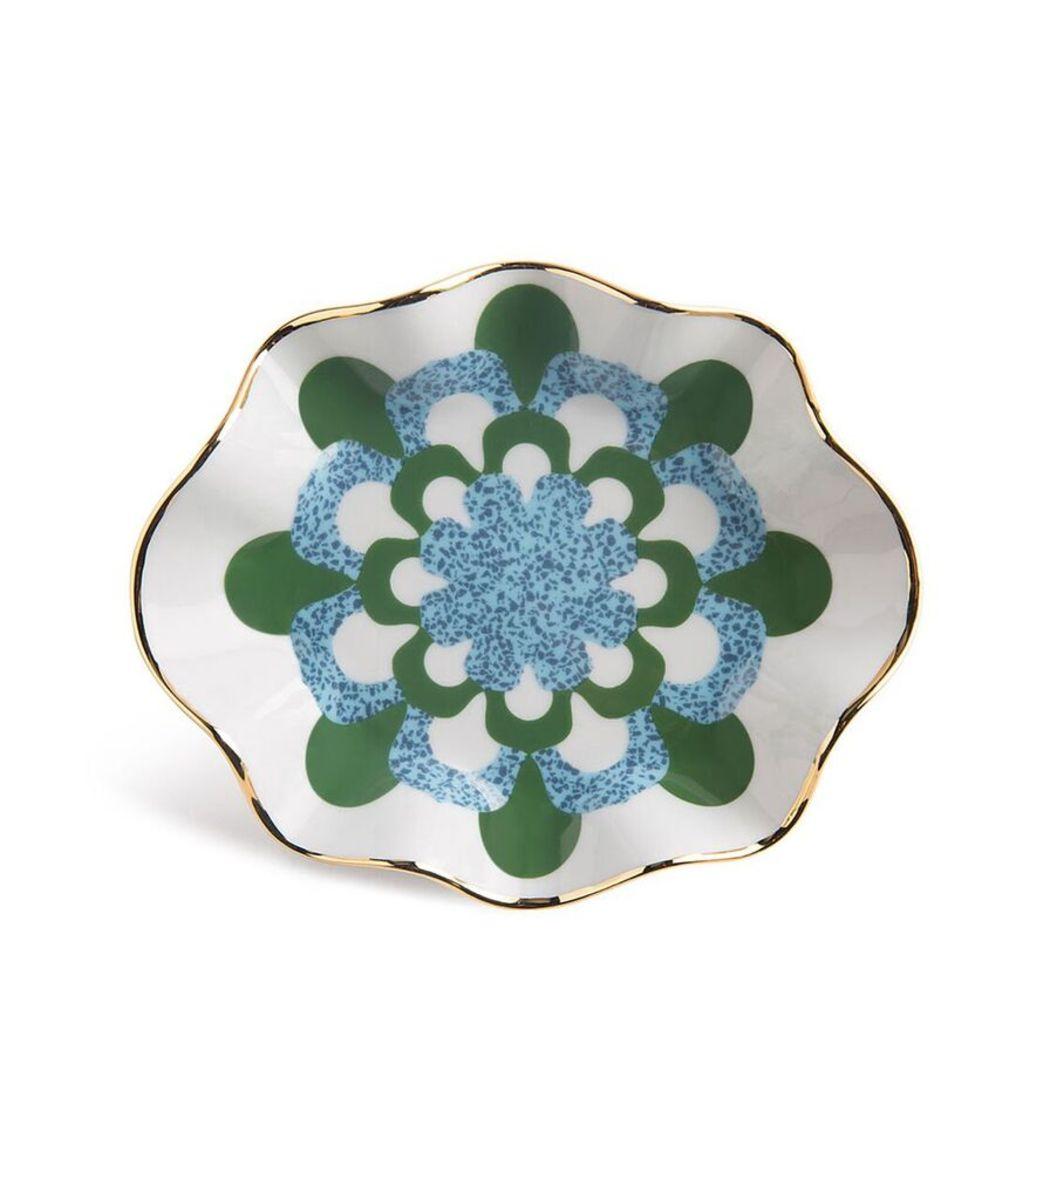 LA DOUBLEJ Blue/Green Bon Bon Dishes (Set of 2)